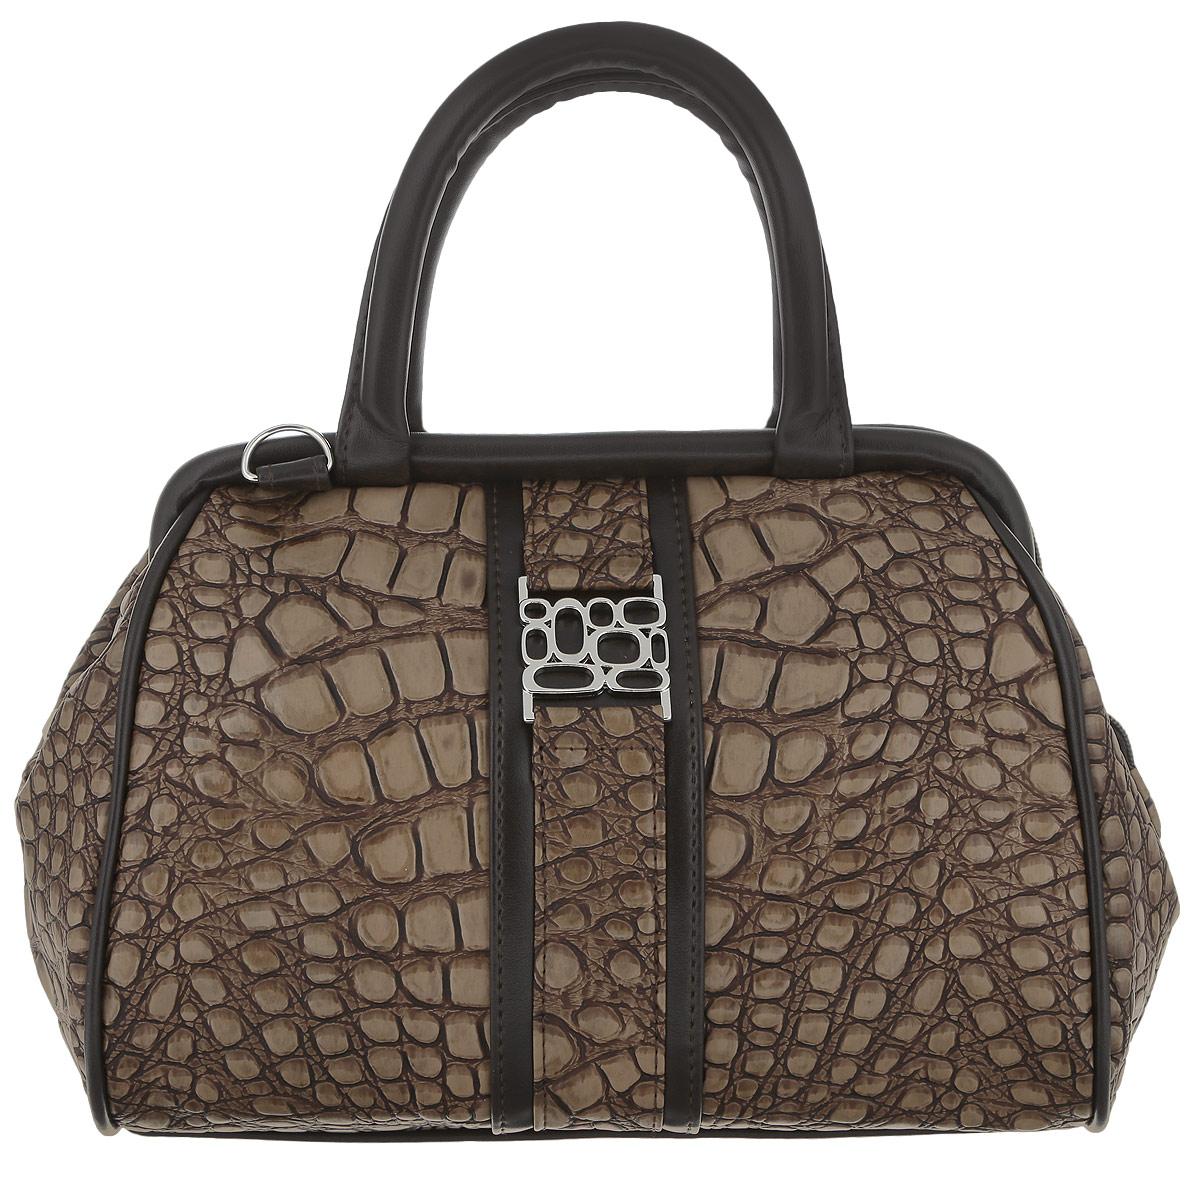 Сумка женская Zemsa, цвет: коричневый, бежевый. 6-2696-269Стильная женская сумка Zemsa изготовлена из искусственной кожи, оформлена прострочками и металлической фигурной пластиной серебряного цвета. Изделие закрывается на удобную застежку-молнию с двумя бегунками. Внутри - одно вместительное отделение, несколько накладных карманчиков для мелочей, телефона и врезной карманчик на застежке-молнии. Задняя сторона сумки дополнена втачным карманом на застежке-молнии. Модель дополнена съемным плечевым ремнем. Роскошная сумка внесет элегантные нотки в ваш образ и подчеркнет ваше отменное чувство стиля.